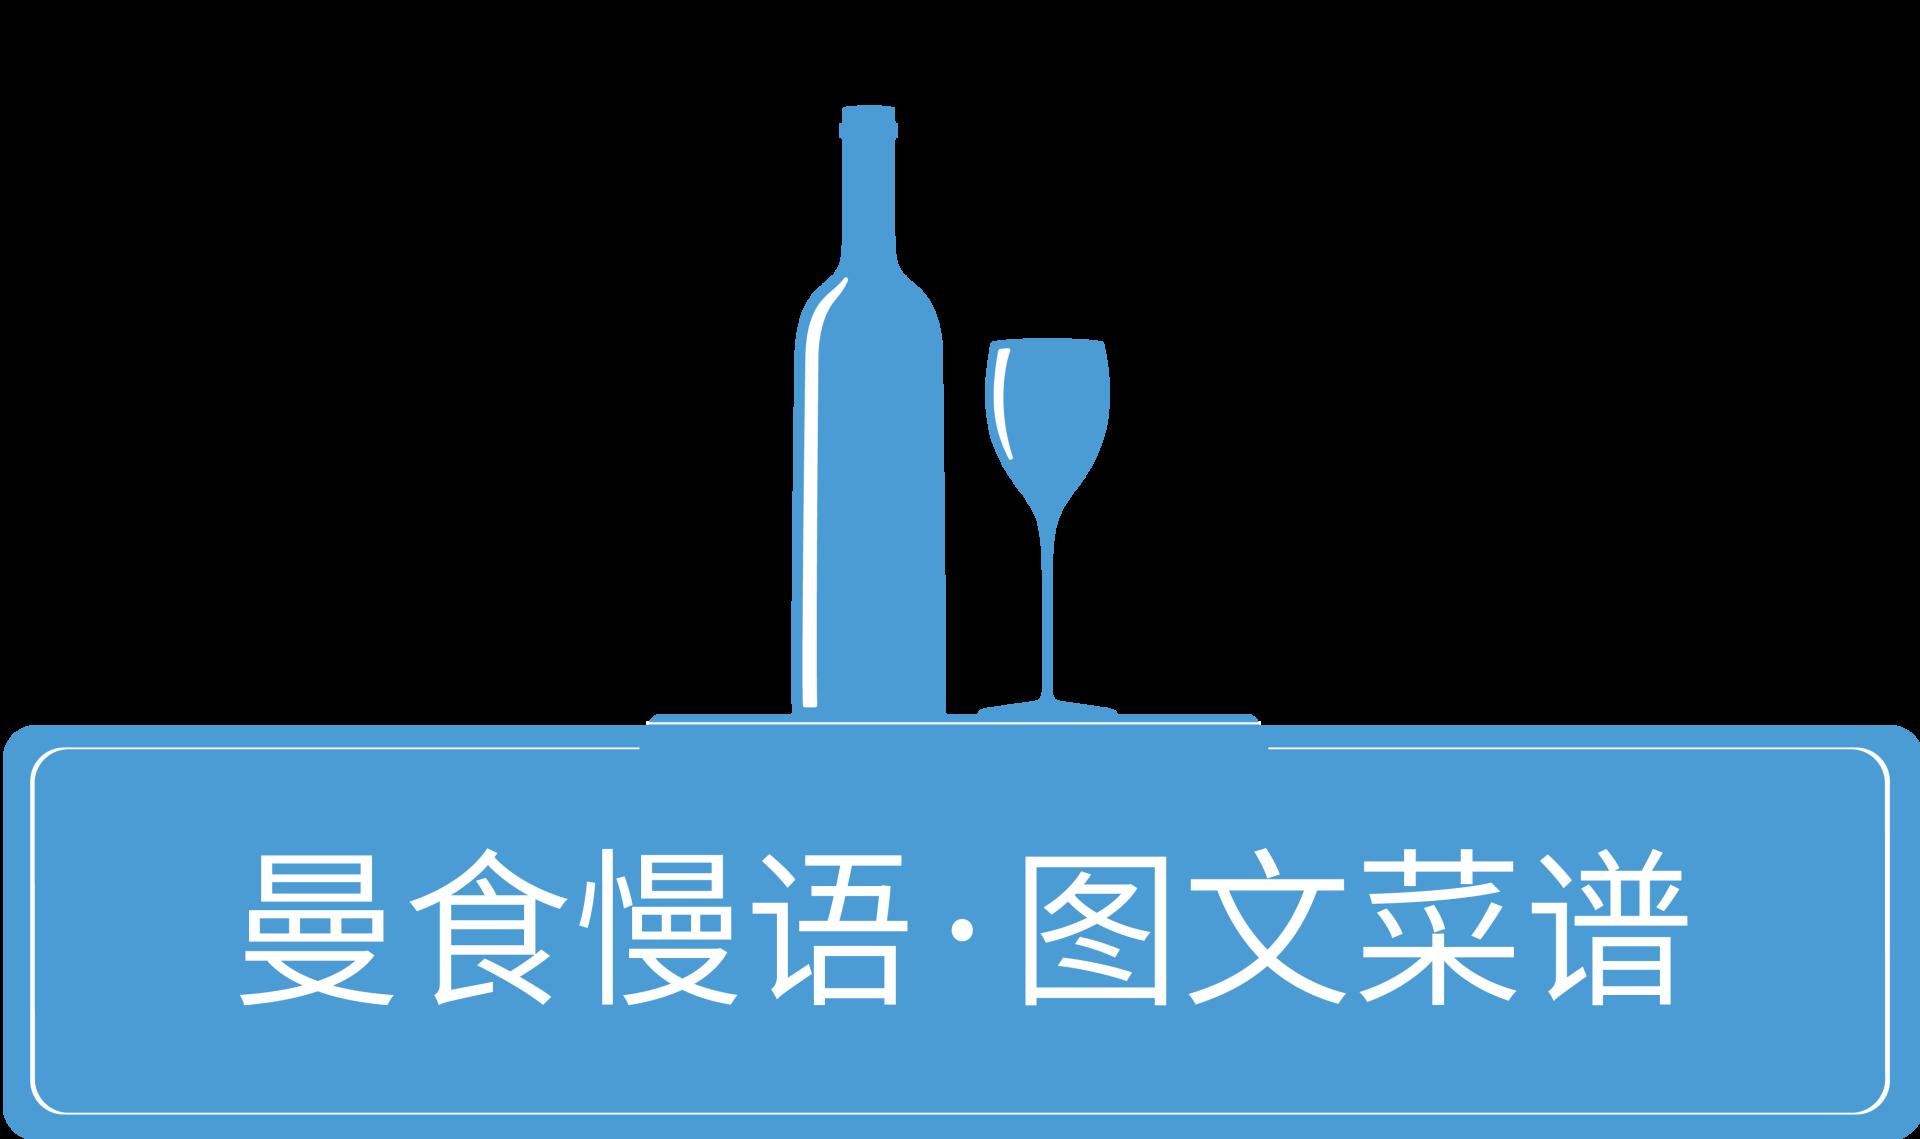 曼食慢语_图文菜谱_图标-02